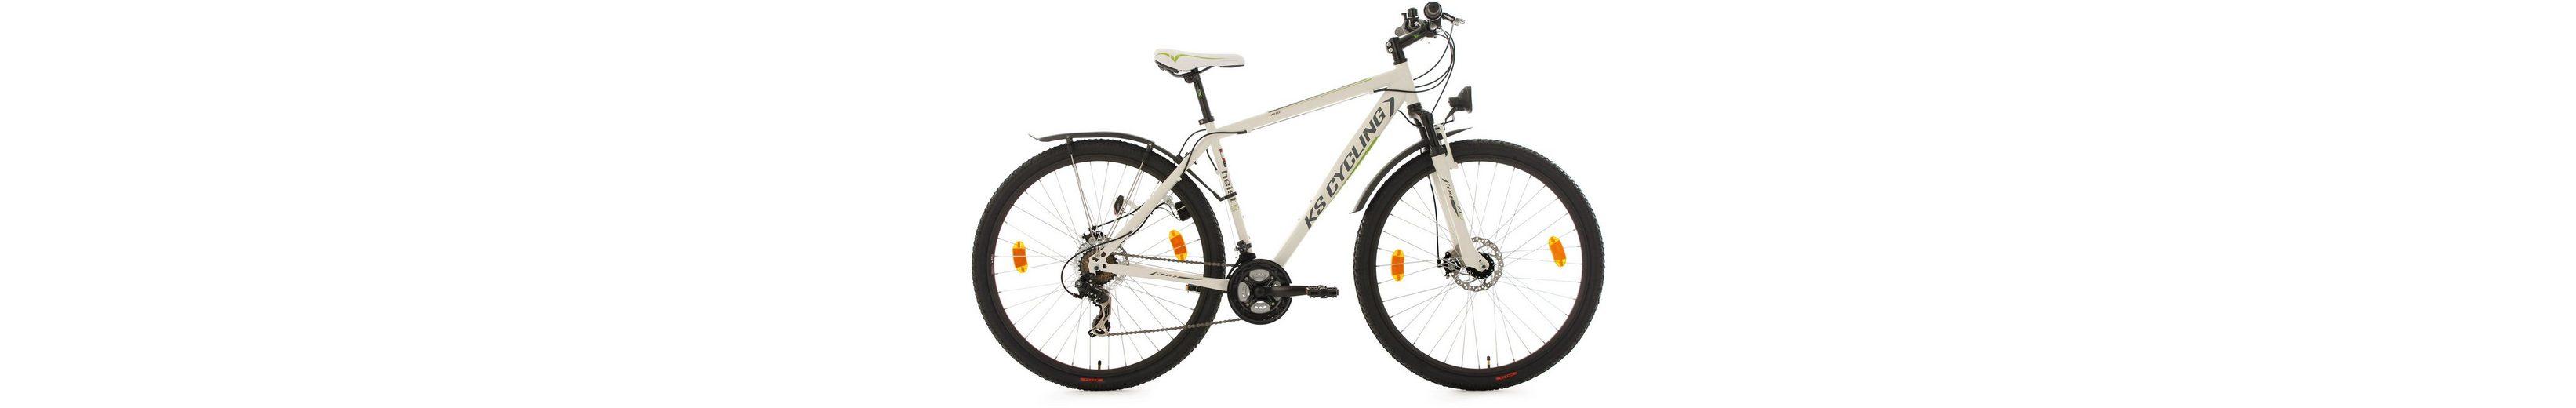 KS Cycling Hardtail-ATB, 29 Zoll, 21 Gang-Shimano Toruney Kettenschaltung, weiß-grün, »Heist«